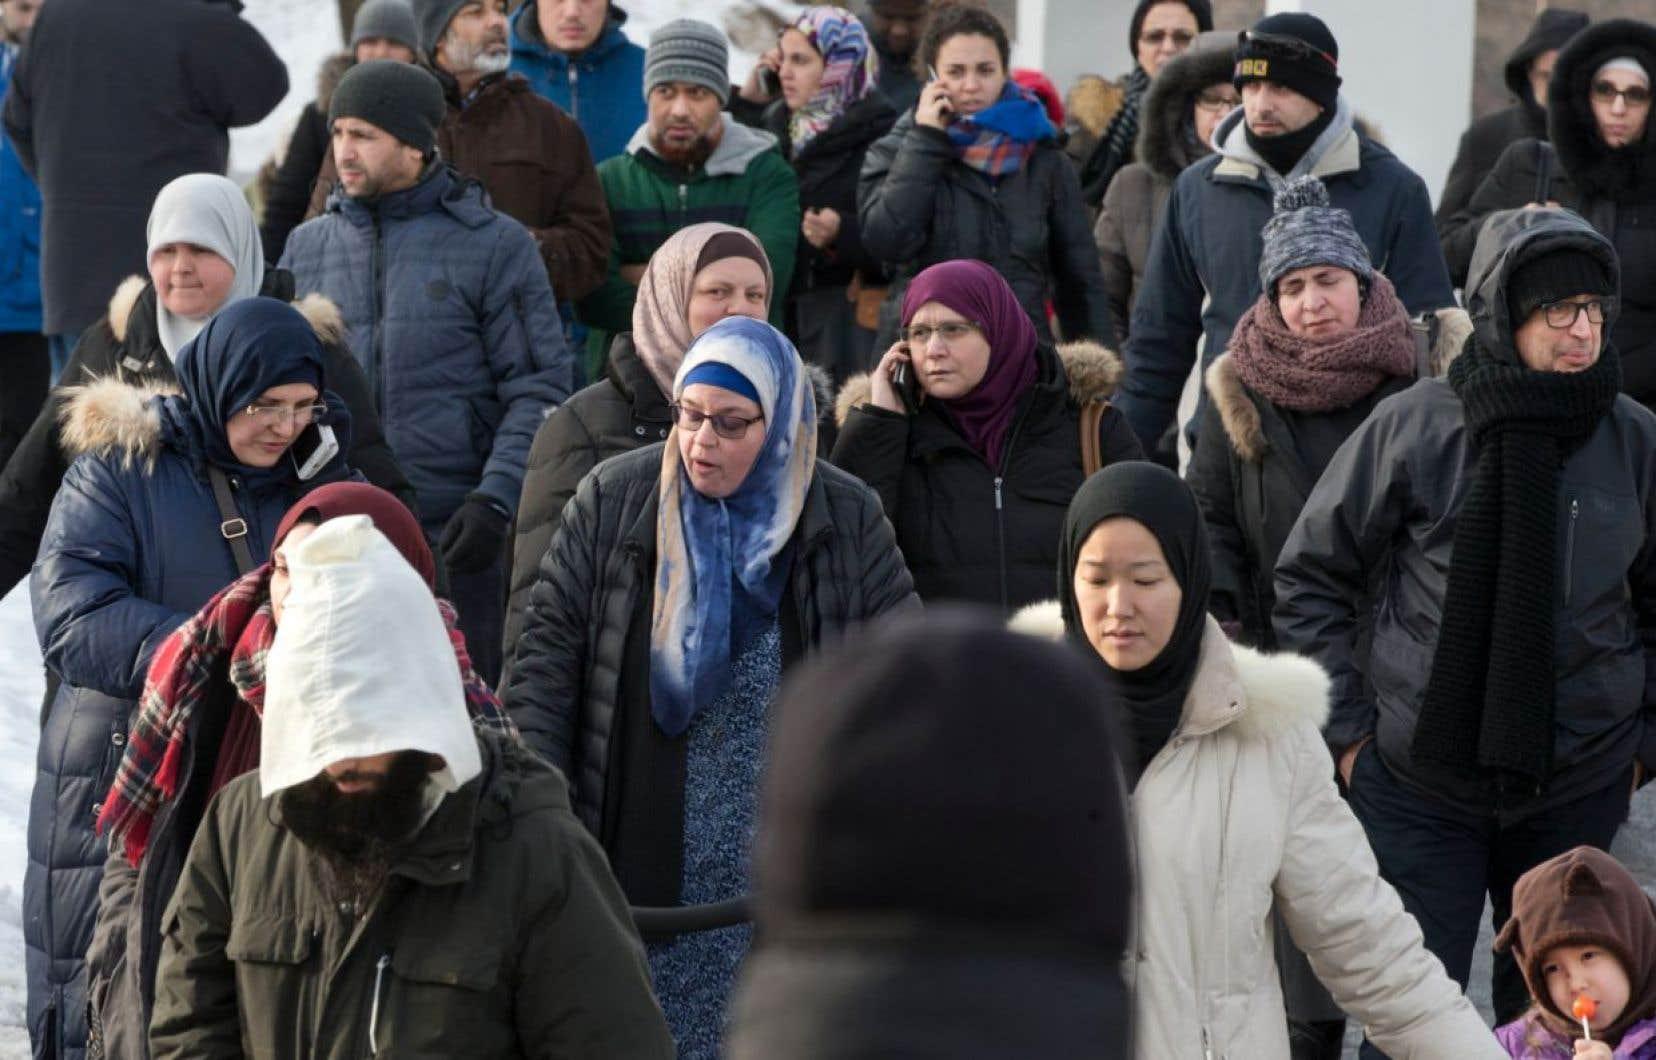 La communauté musulmane a ressenti une grande vague d'appuis à la suite de l'attentat de Québec, selon Ihsaan Gardee, du Conseil national des musulmans canadiens.